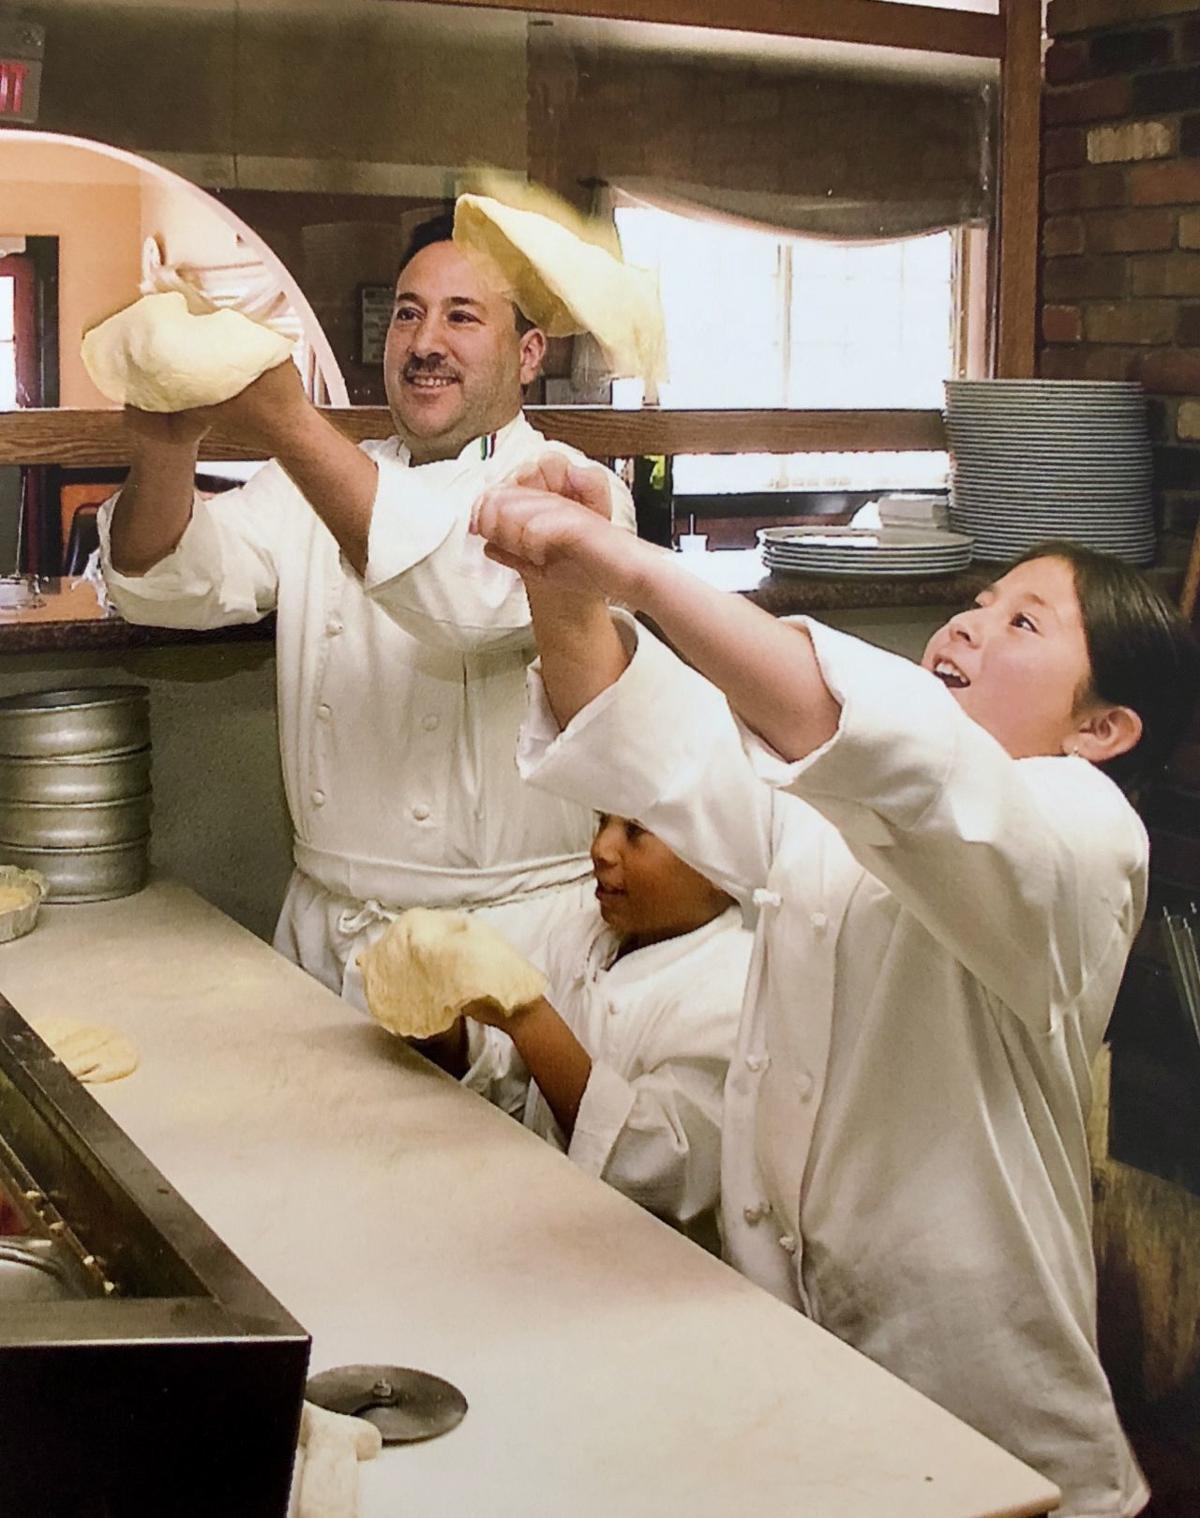 Gerardo S Closes Doors After 18 Years Business Paysonroundup Com